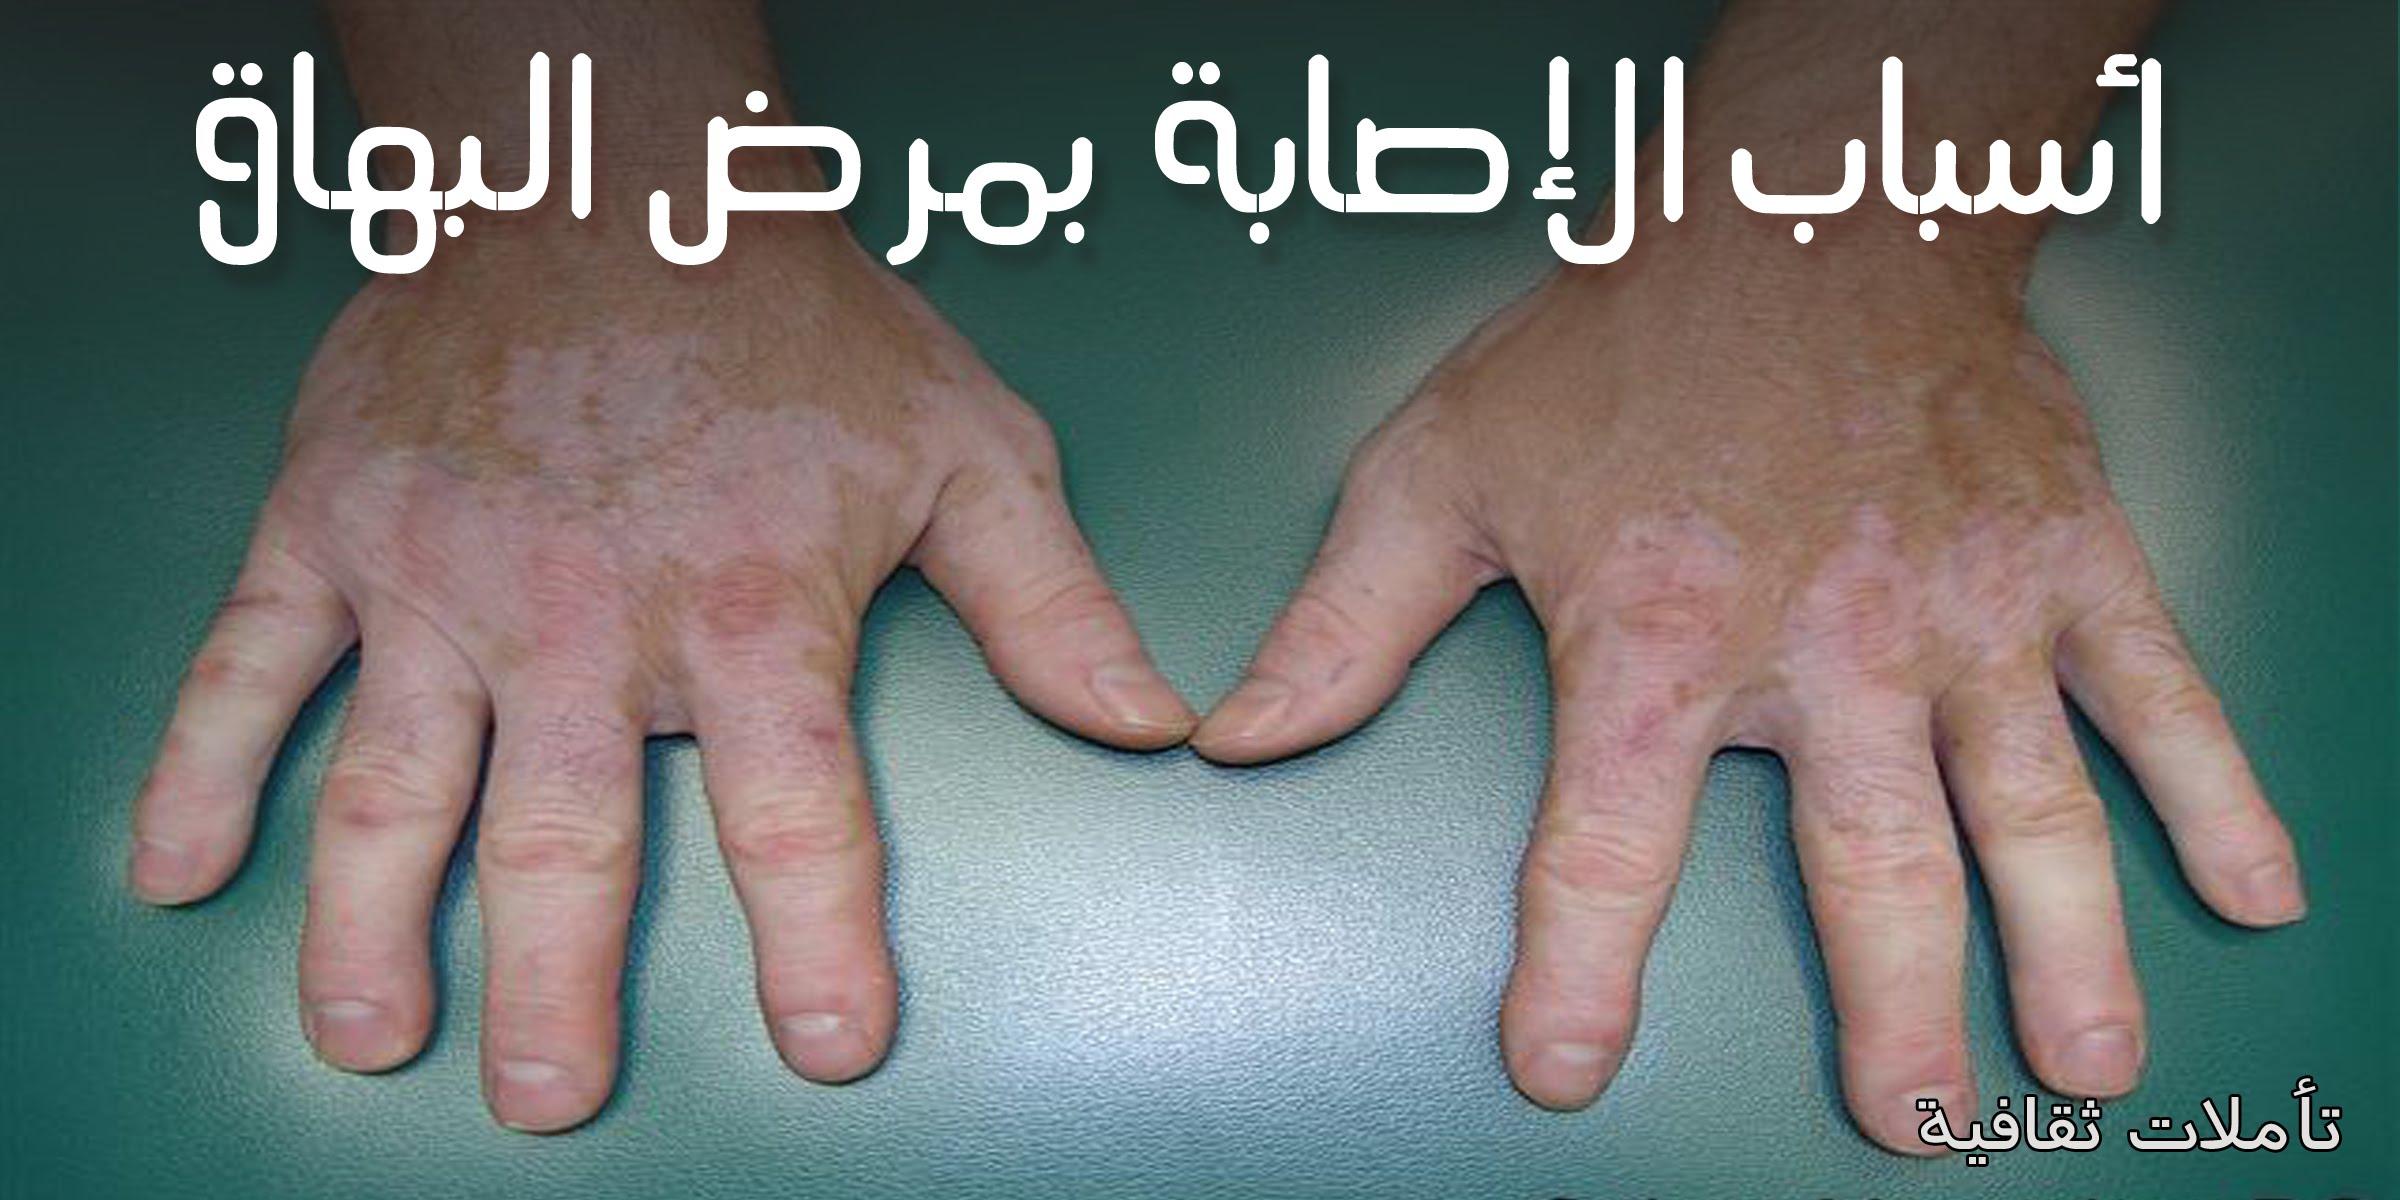 بالصور طريقة علاج مرضى البهاق 20160710 159